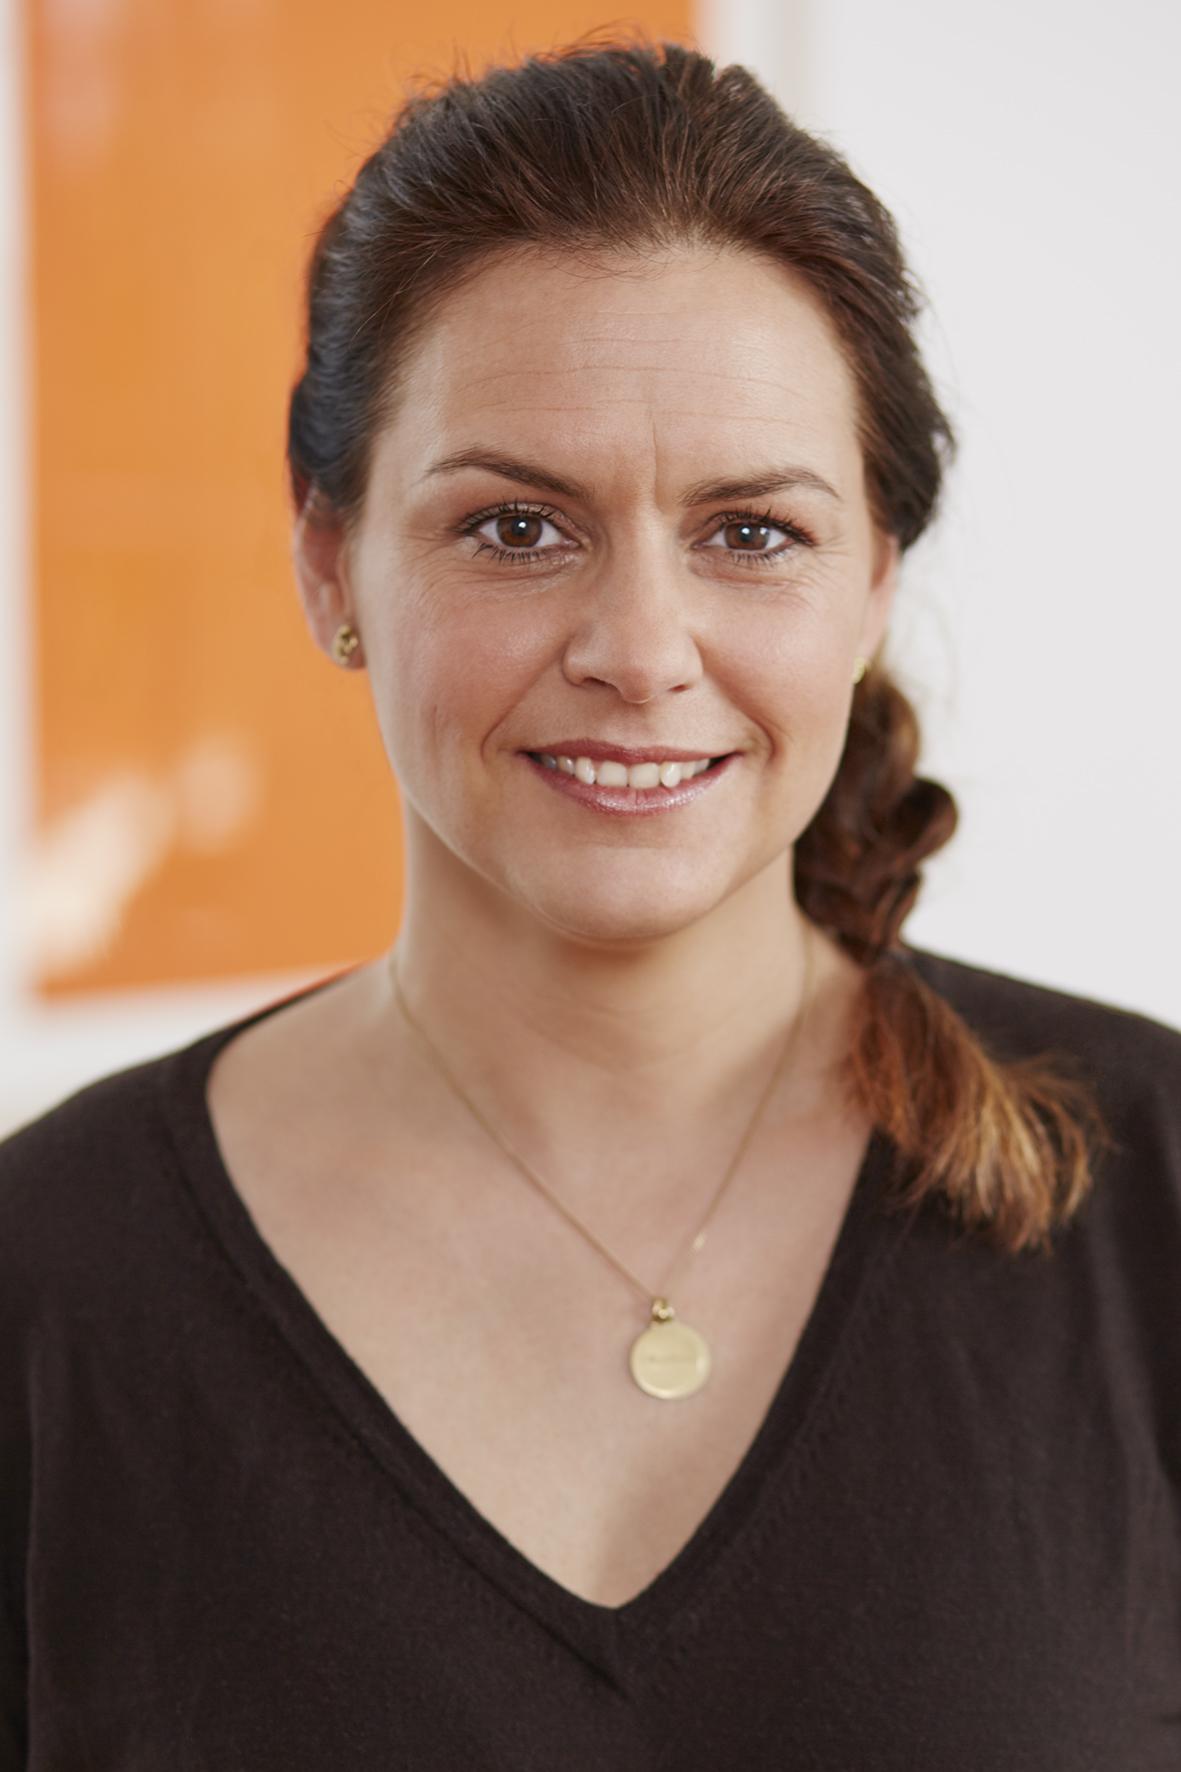 Ansprechpartnerin zu den CHILDREN Kinderbeiräten: Caroline Buchrucker